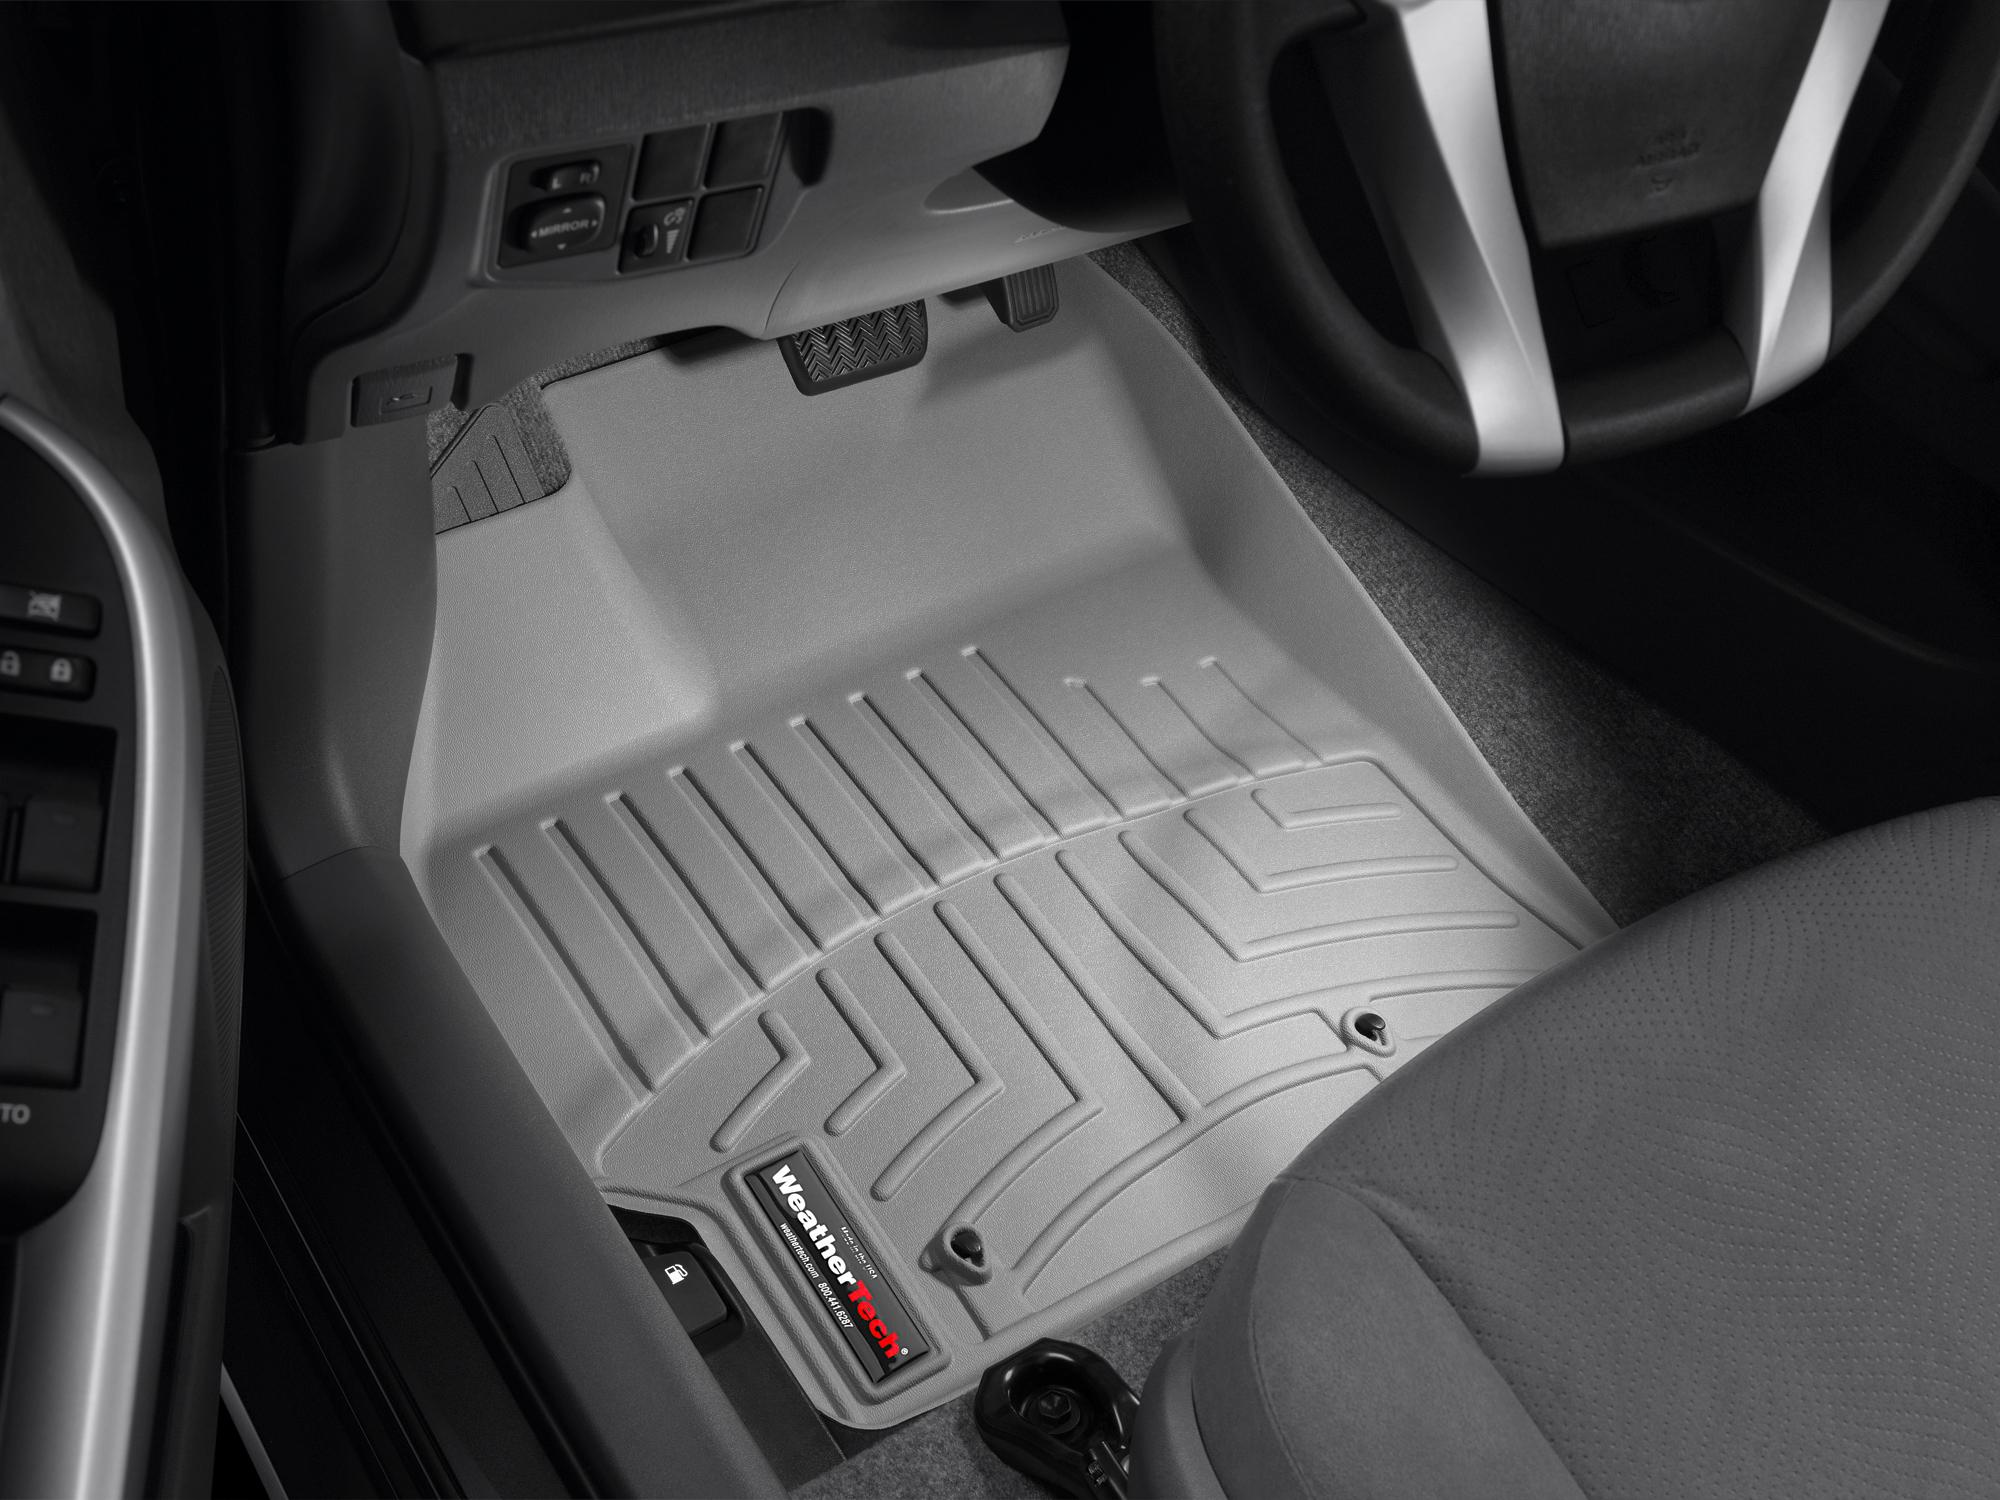 Tappeti gomma su misura bordo alto Toyota Prius 09>09 Grigio A3736*